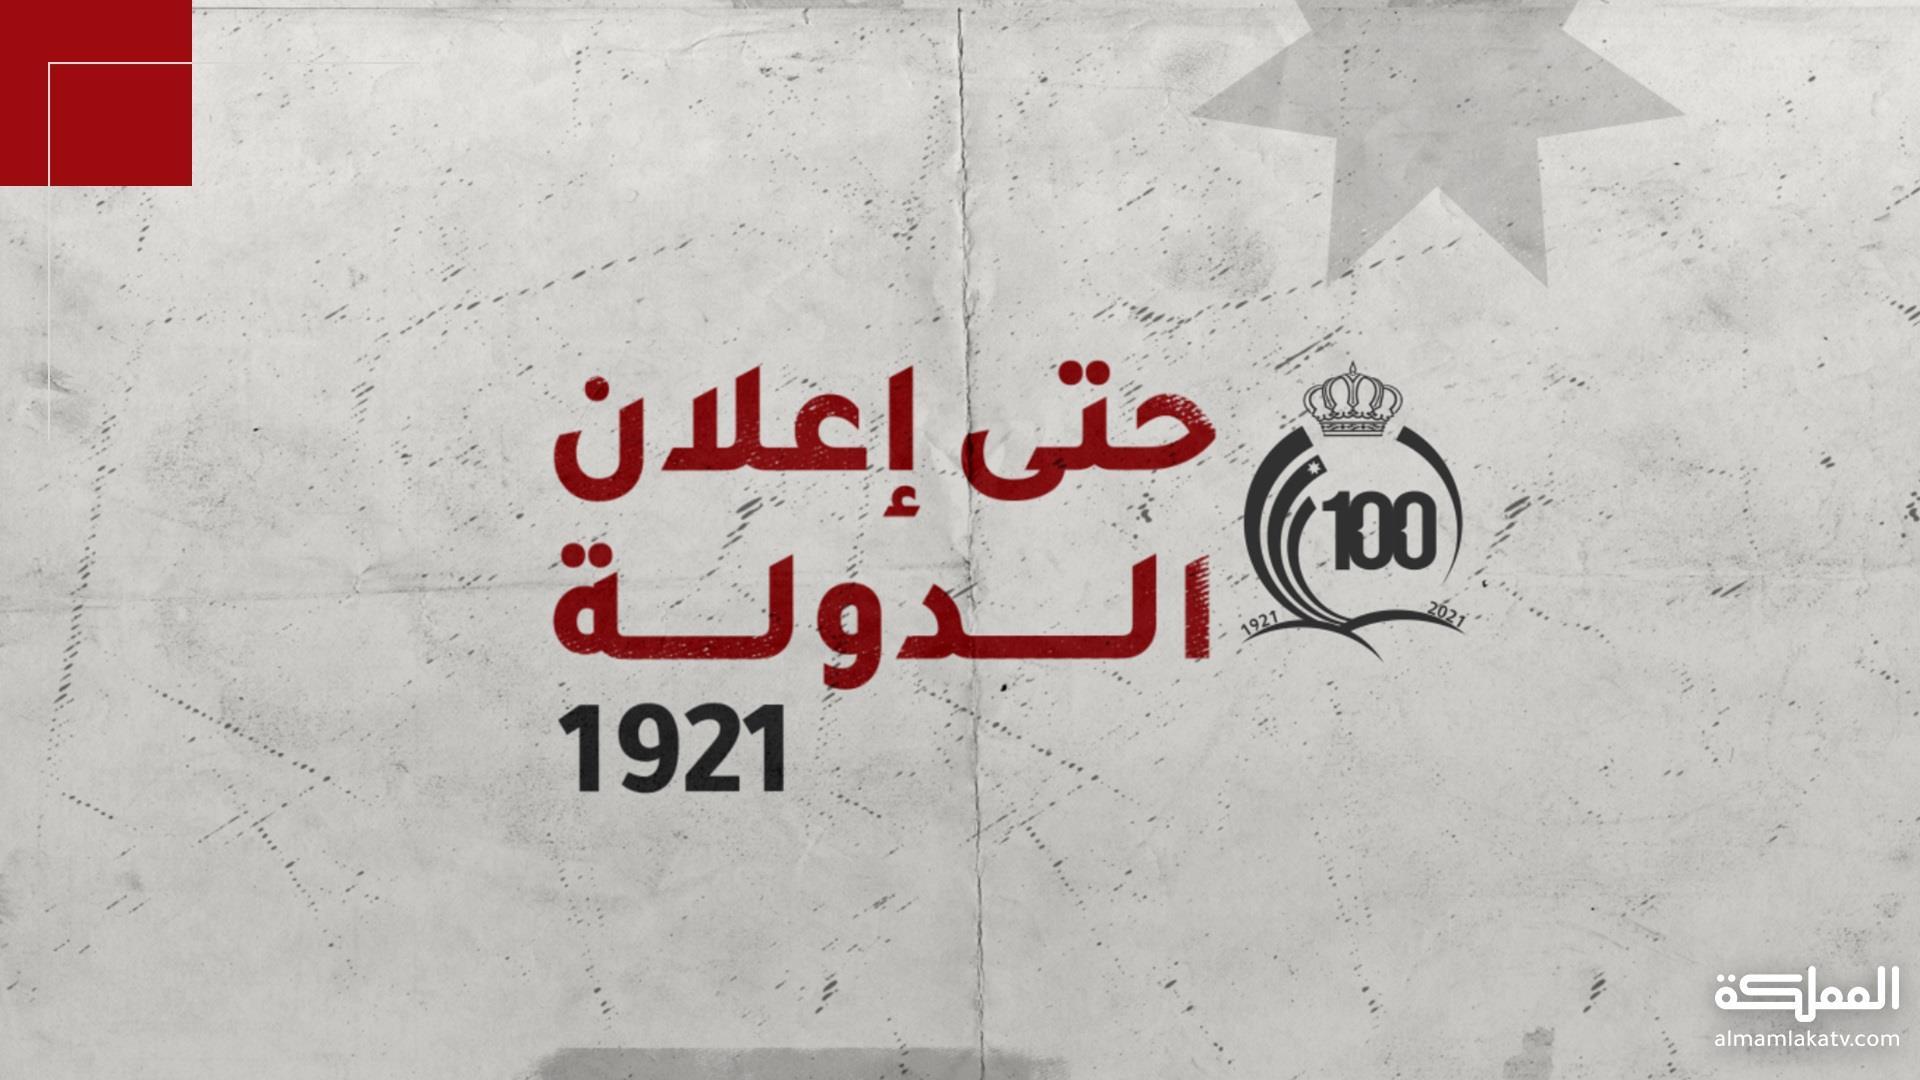 اليوم الحادي عشر من نيسان، يكمل الأردن مئويته الأولى